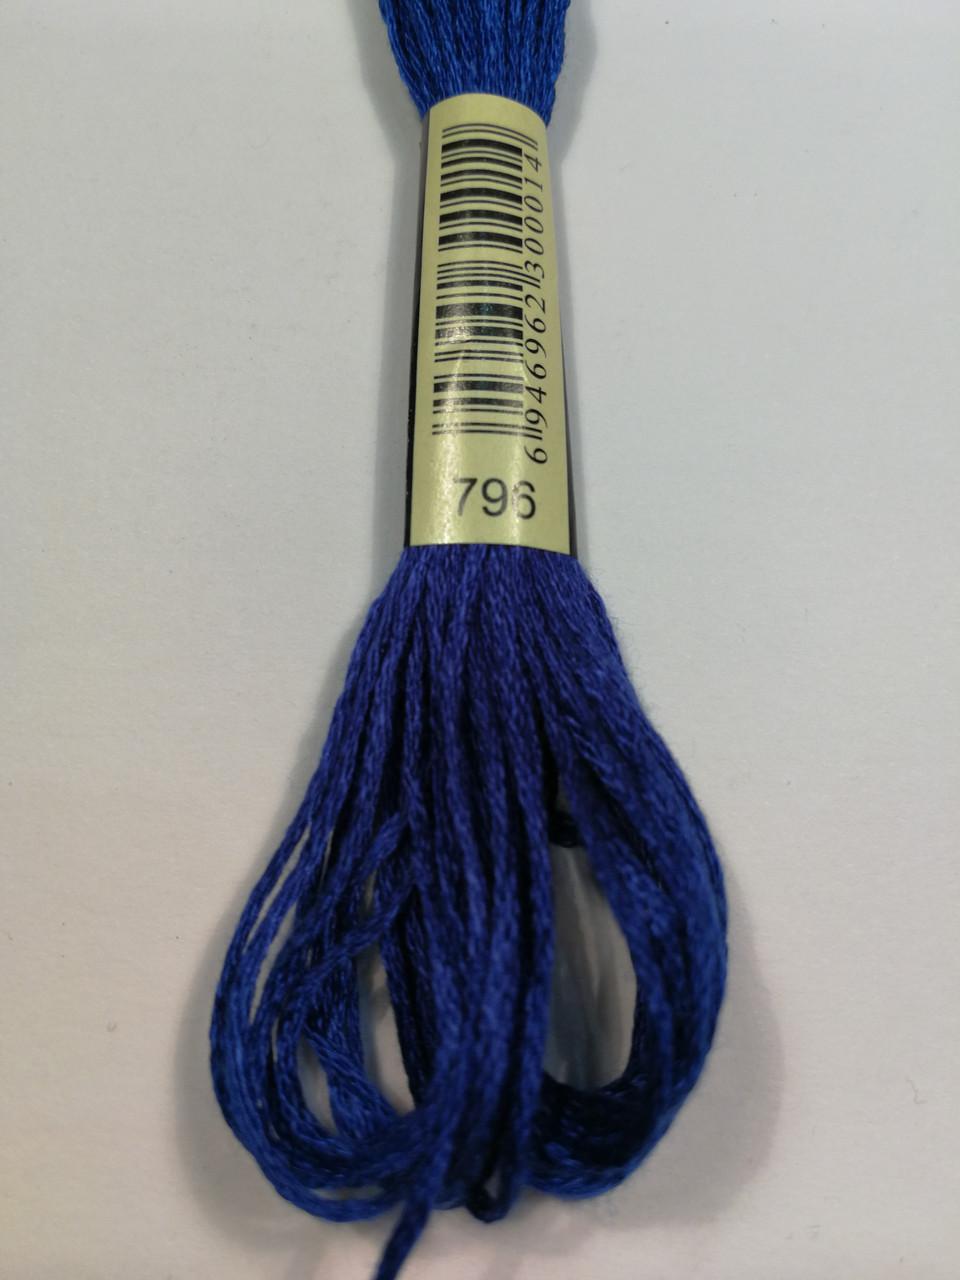 Мулине СХС 796 ярко-синий, темный